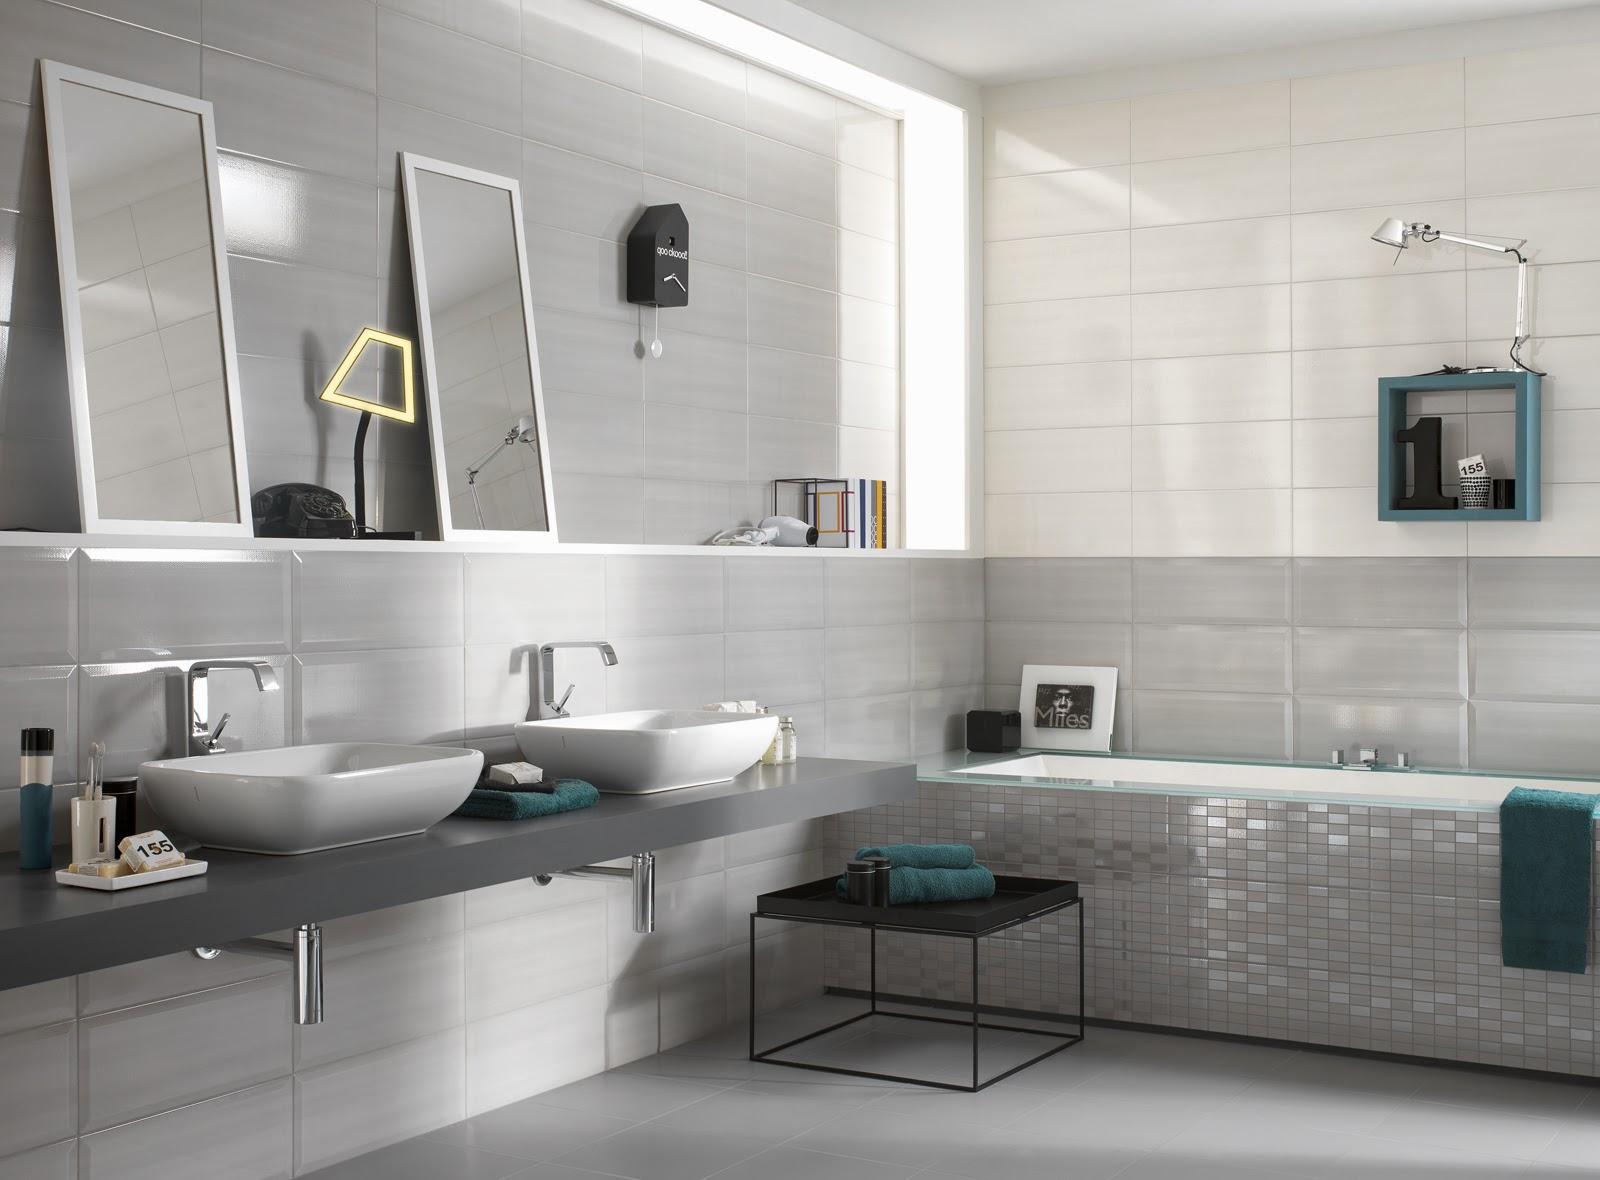 Colore piastrelle bagno latest vi allego anche una foto del